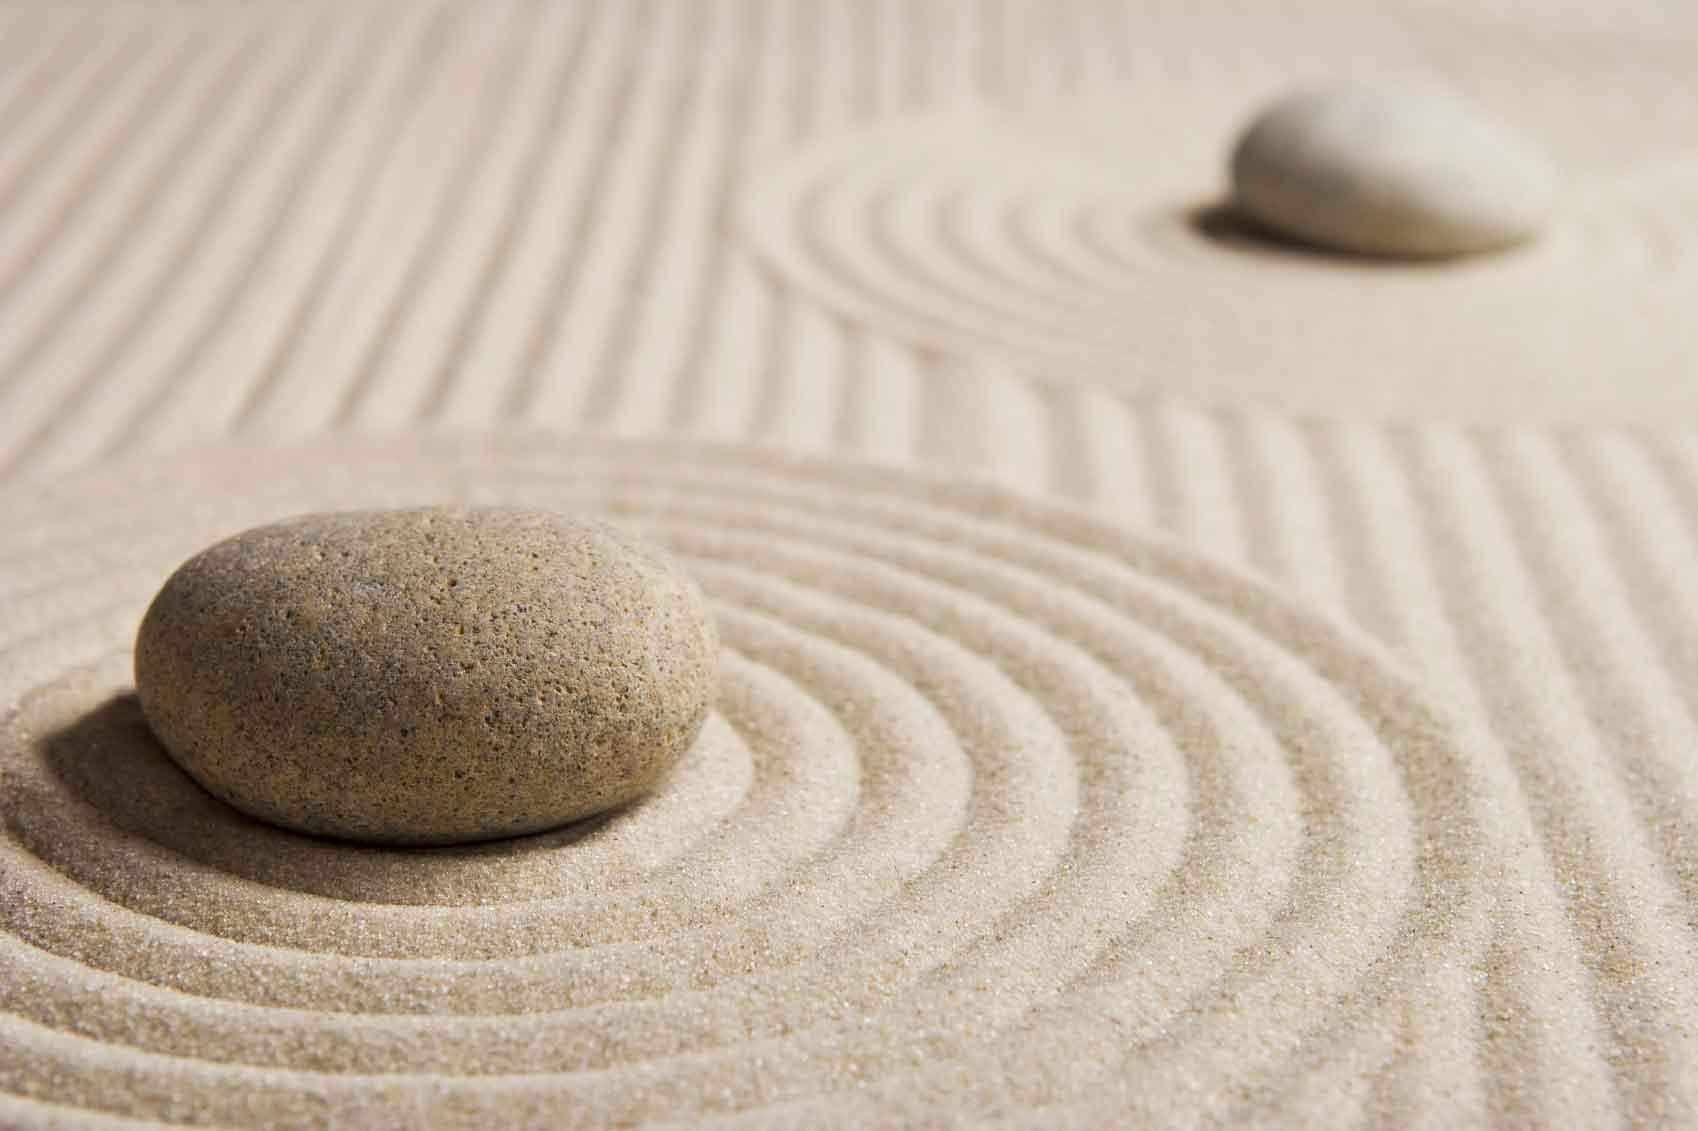 des galets sur du sable, relief imitant des vagues de mer, jardin zen sec, amenagement simple et rapide